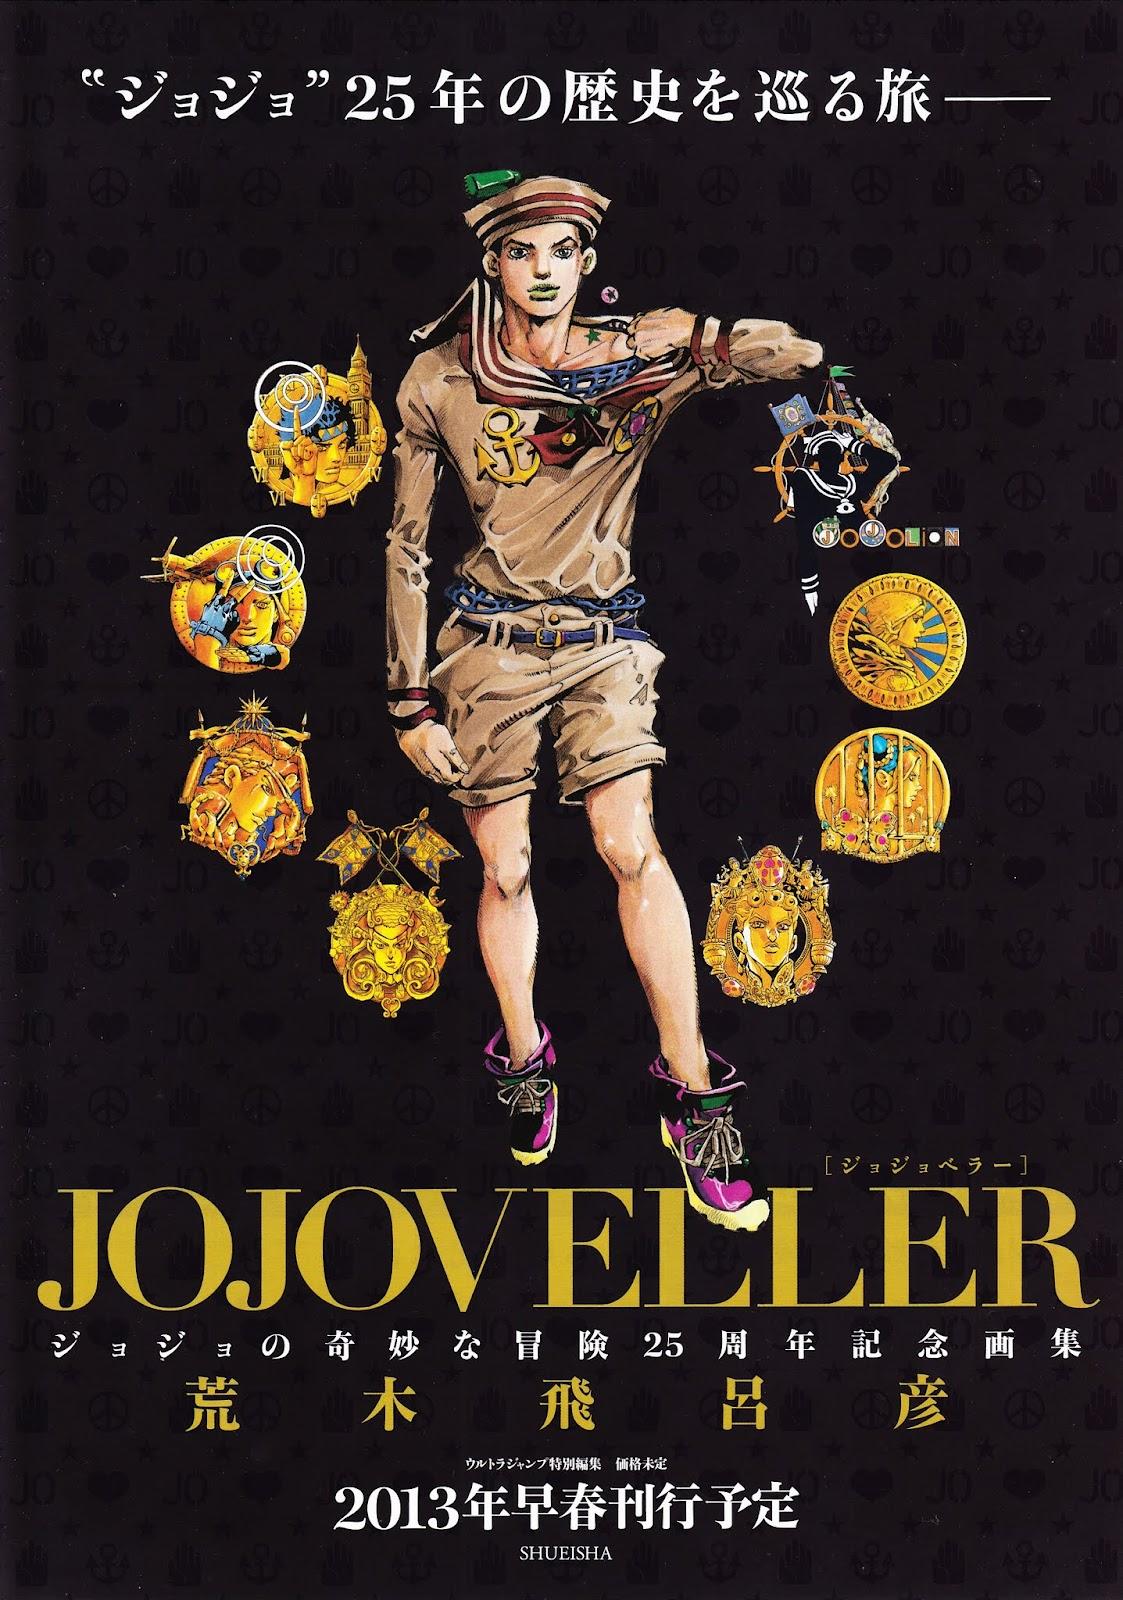 Jojoveller cover.jpg